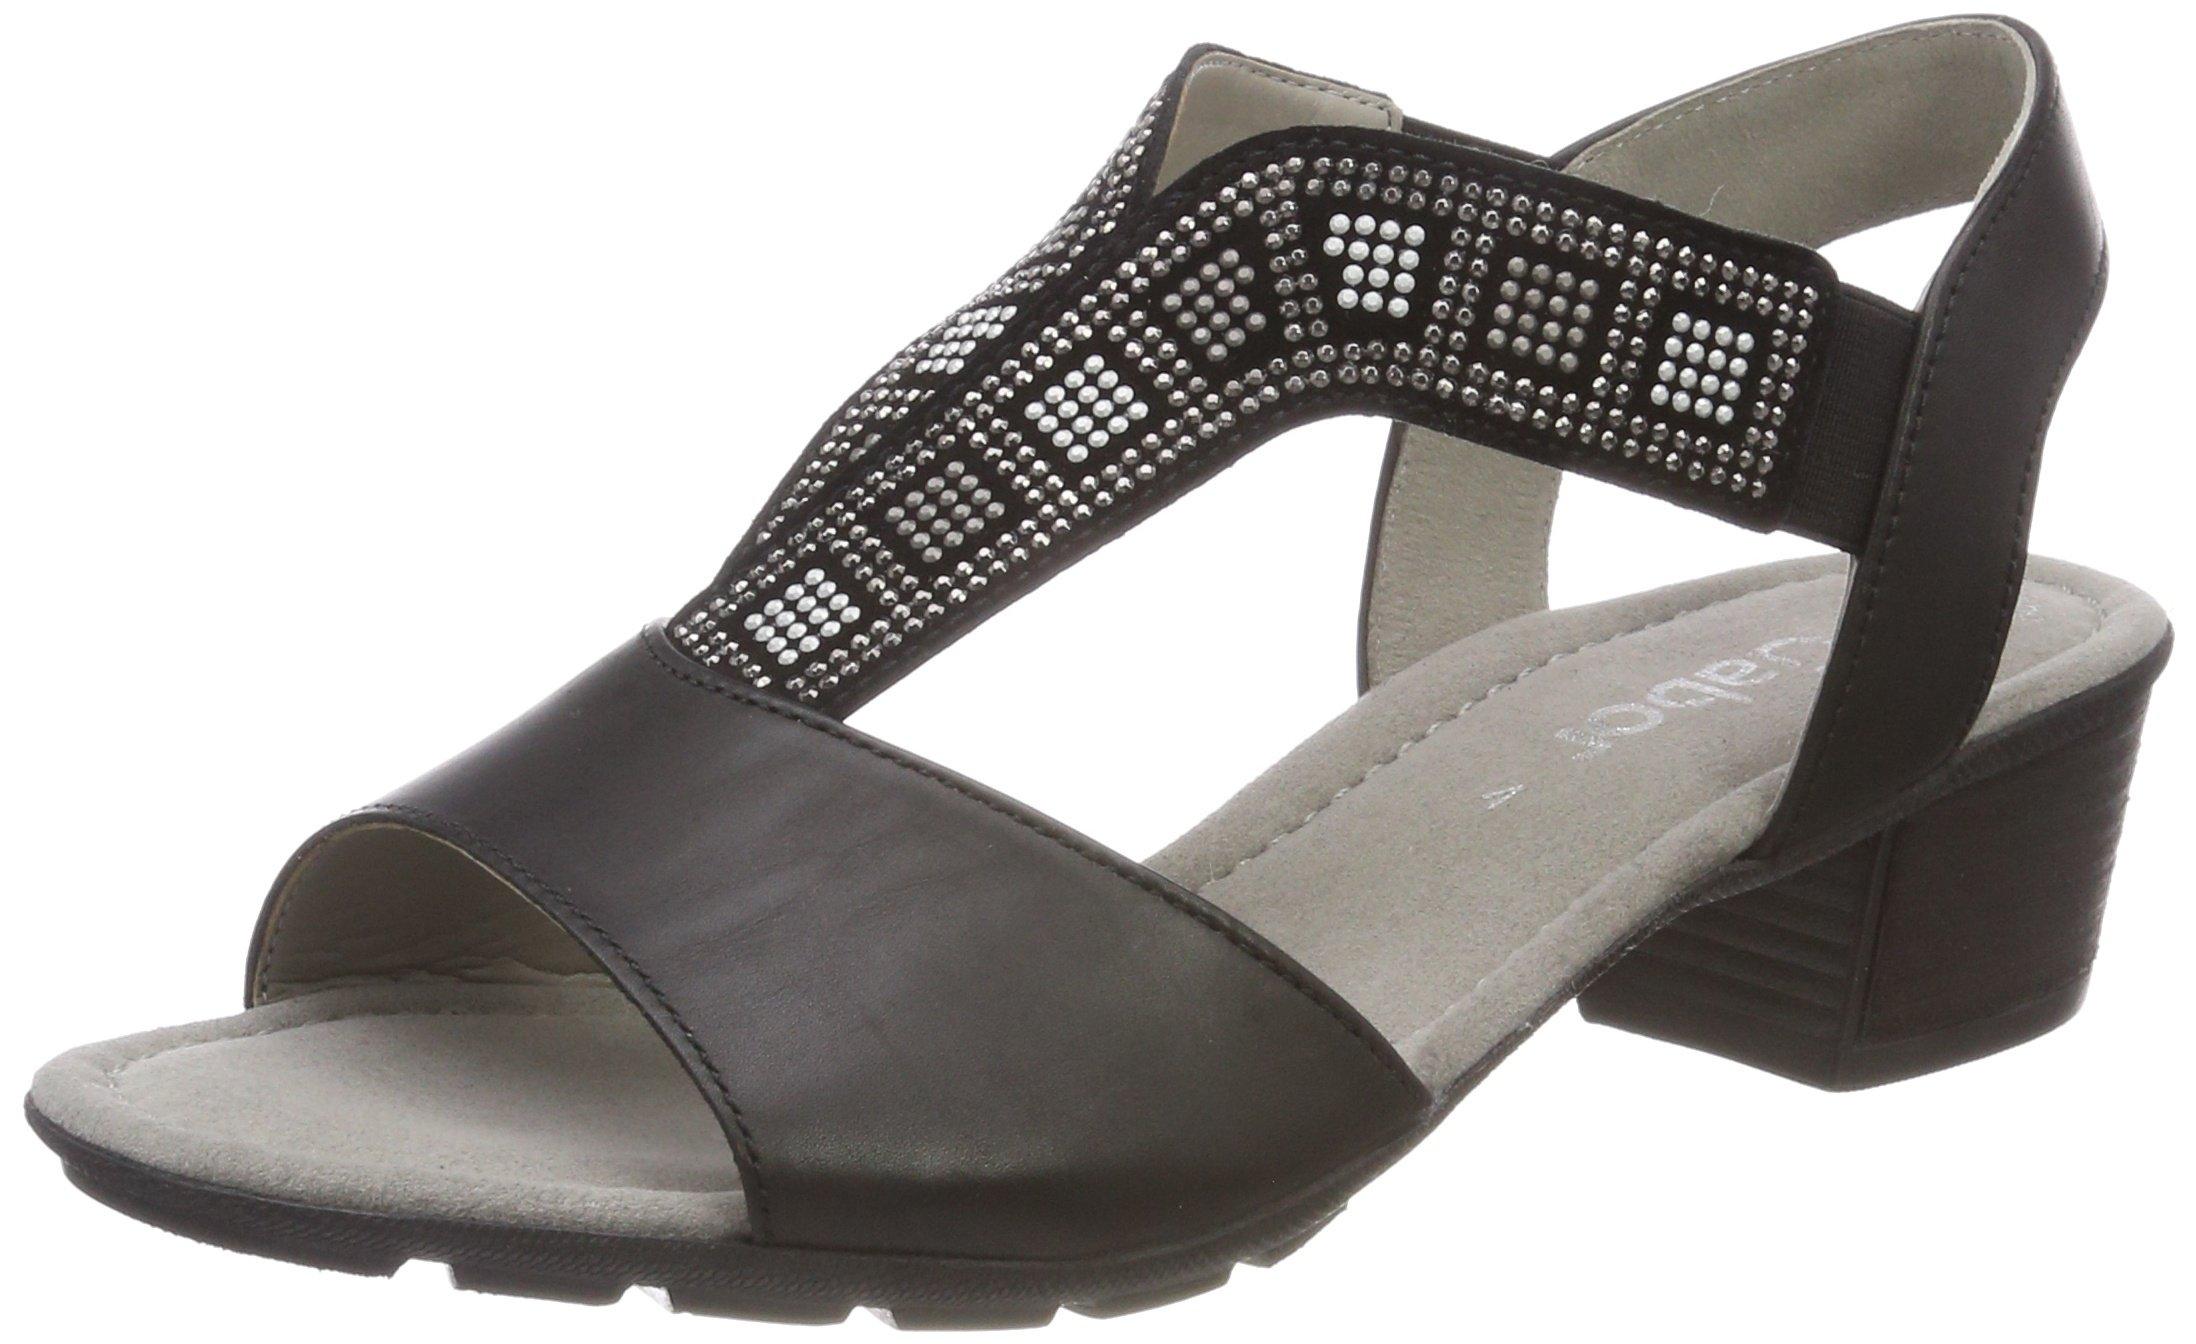 Cheville Shoes FemmeNoirschwarz Bride CasualSandales Gabor Eu Anthrazit39 SRjL43Ac5q